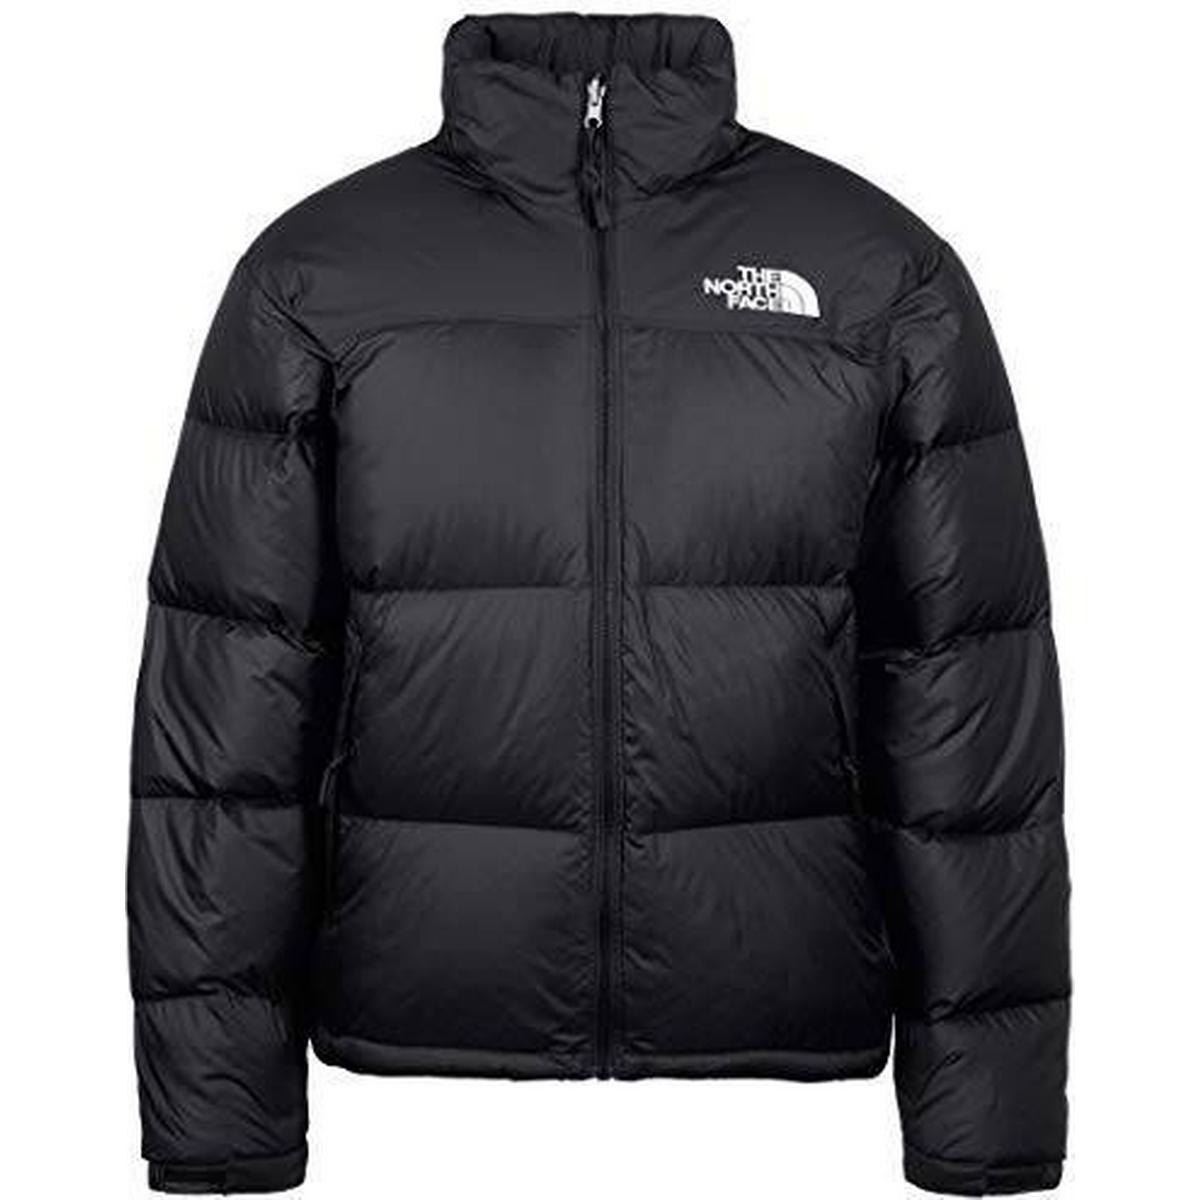 The North Face Vinterjakke Herretøj (30 produkter) • Se